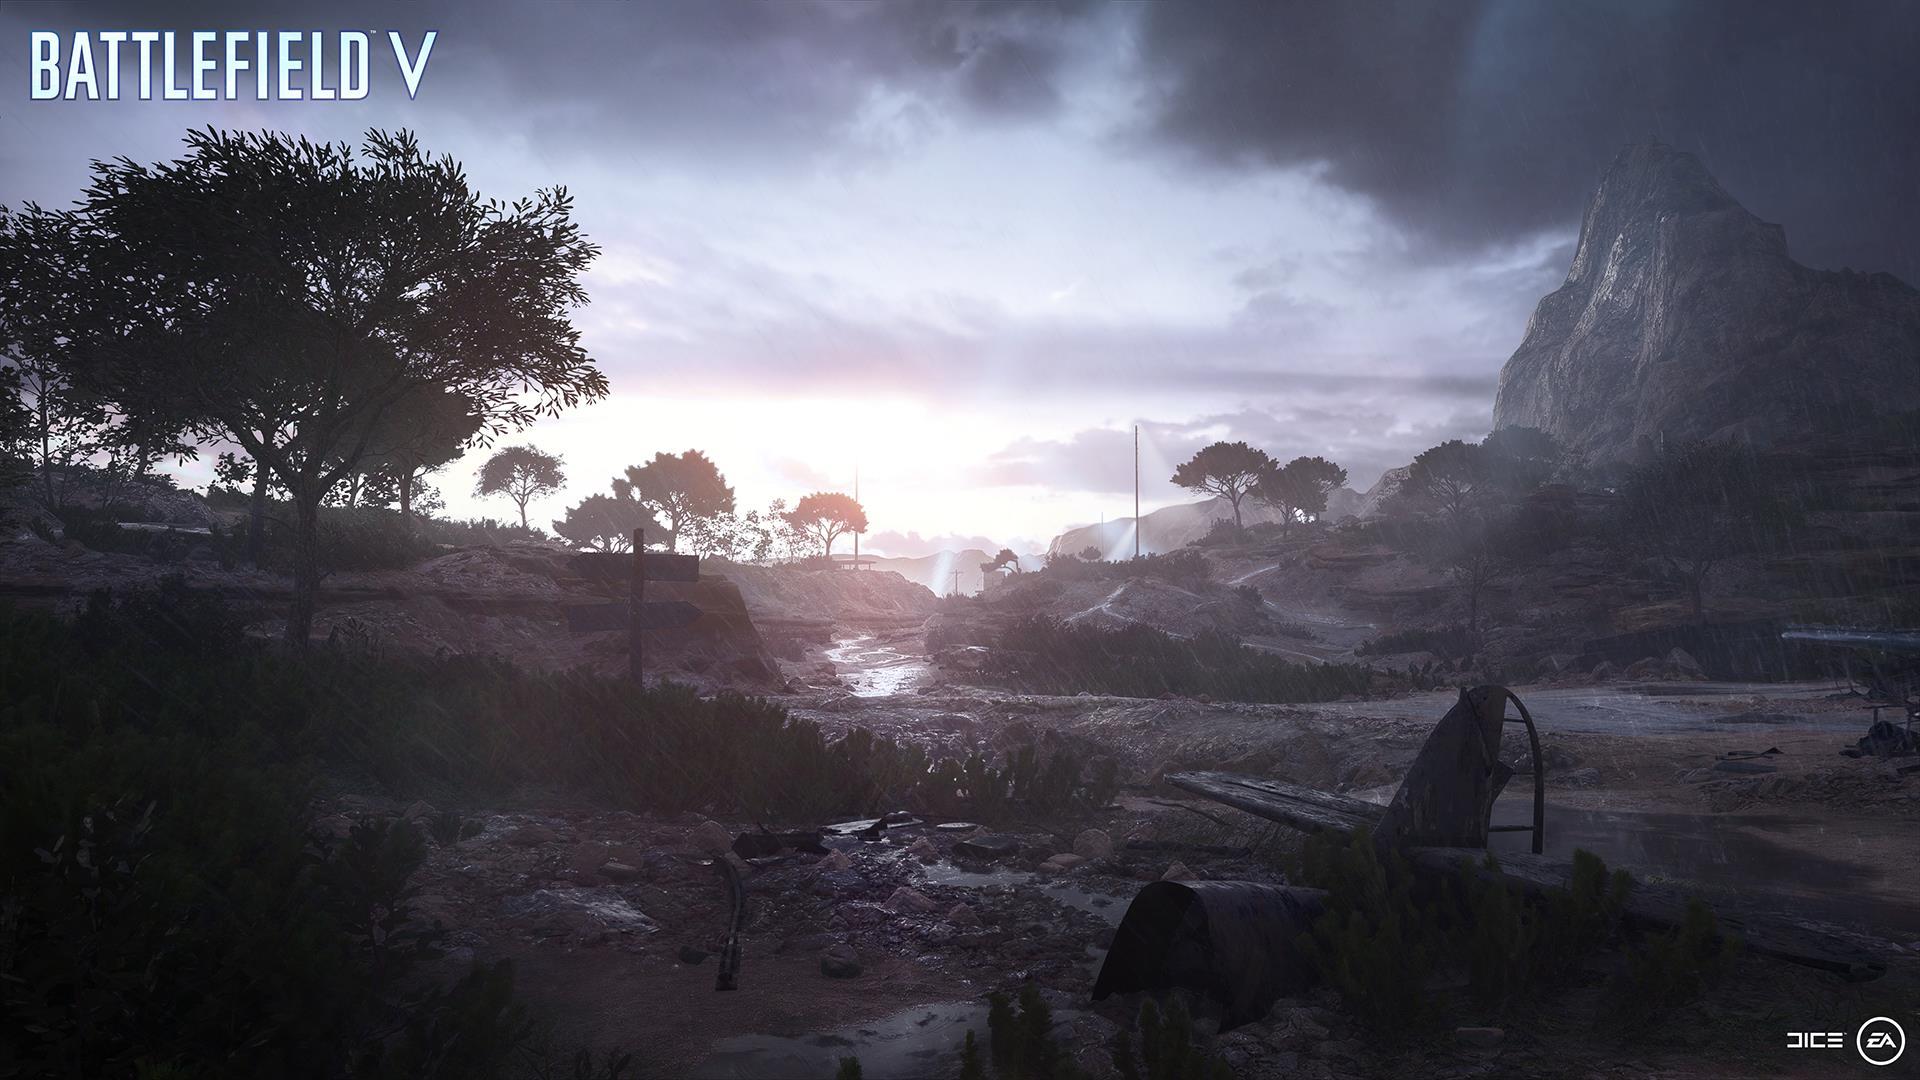 На иллюстрации изображён снимок экрана (скриншот) из одиночной кампании Battlefield V из «военной истории» под названием «Без знамён»